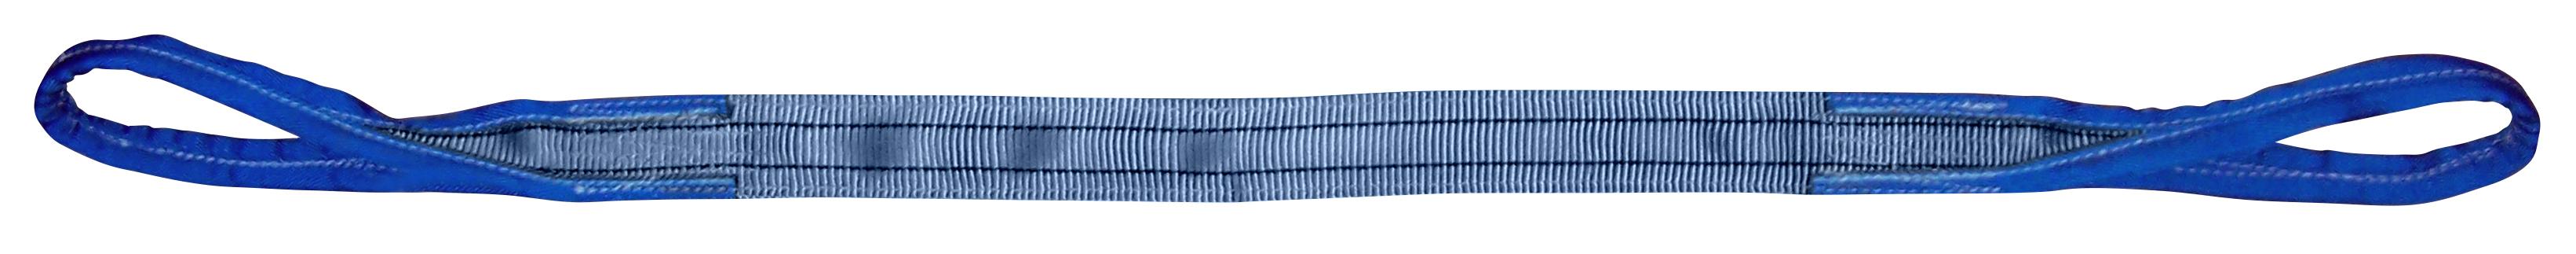 Hebeband 2 -lagig, vollverstärkte Schlaufen, Tragfähigkeit 4 Tonnen